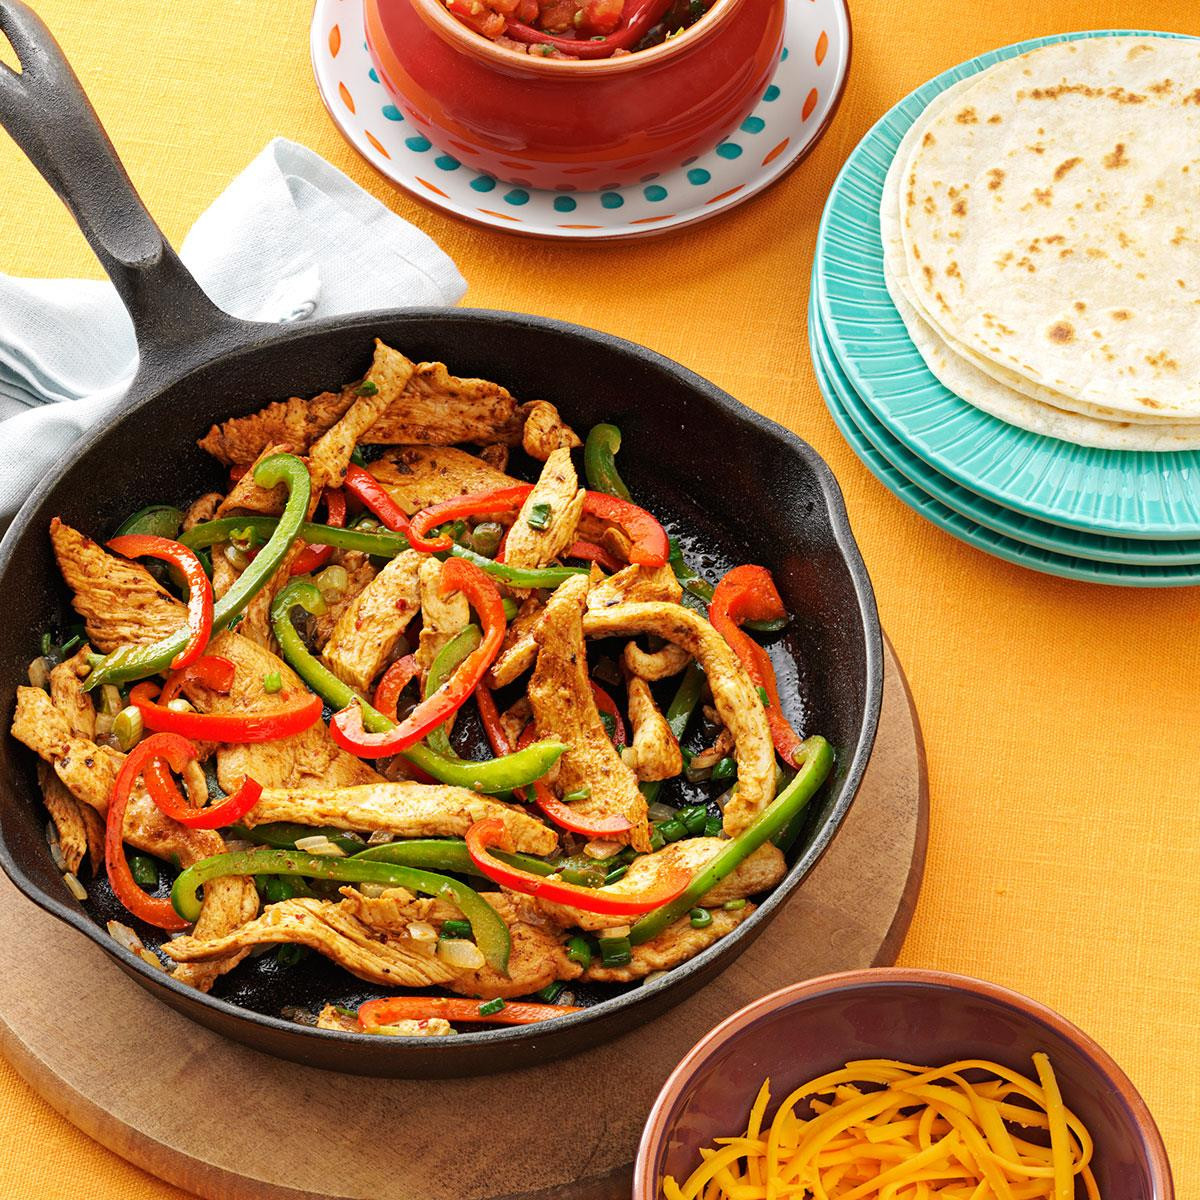 Mexican Chicken Fajita Recipes  Flavorful Chicken Fajitas Recipe